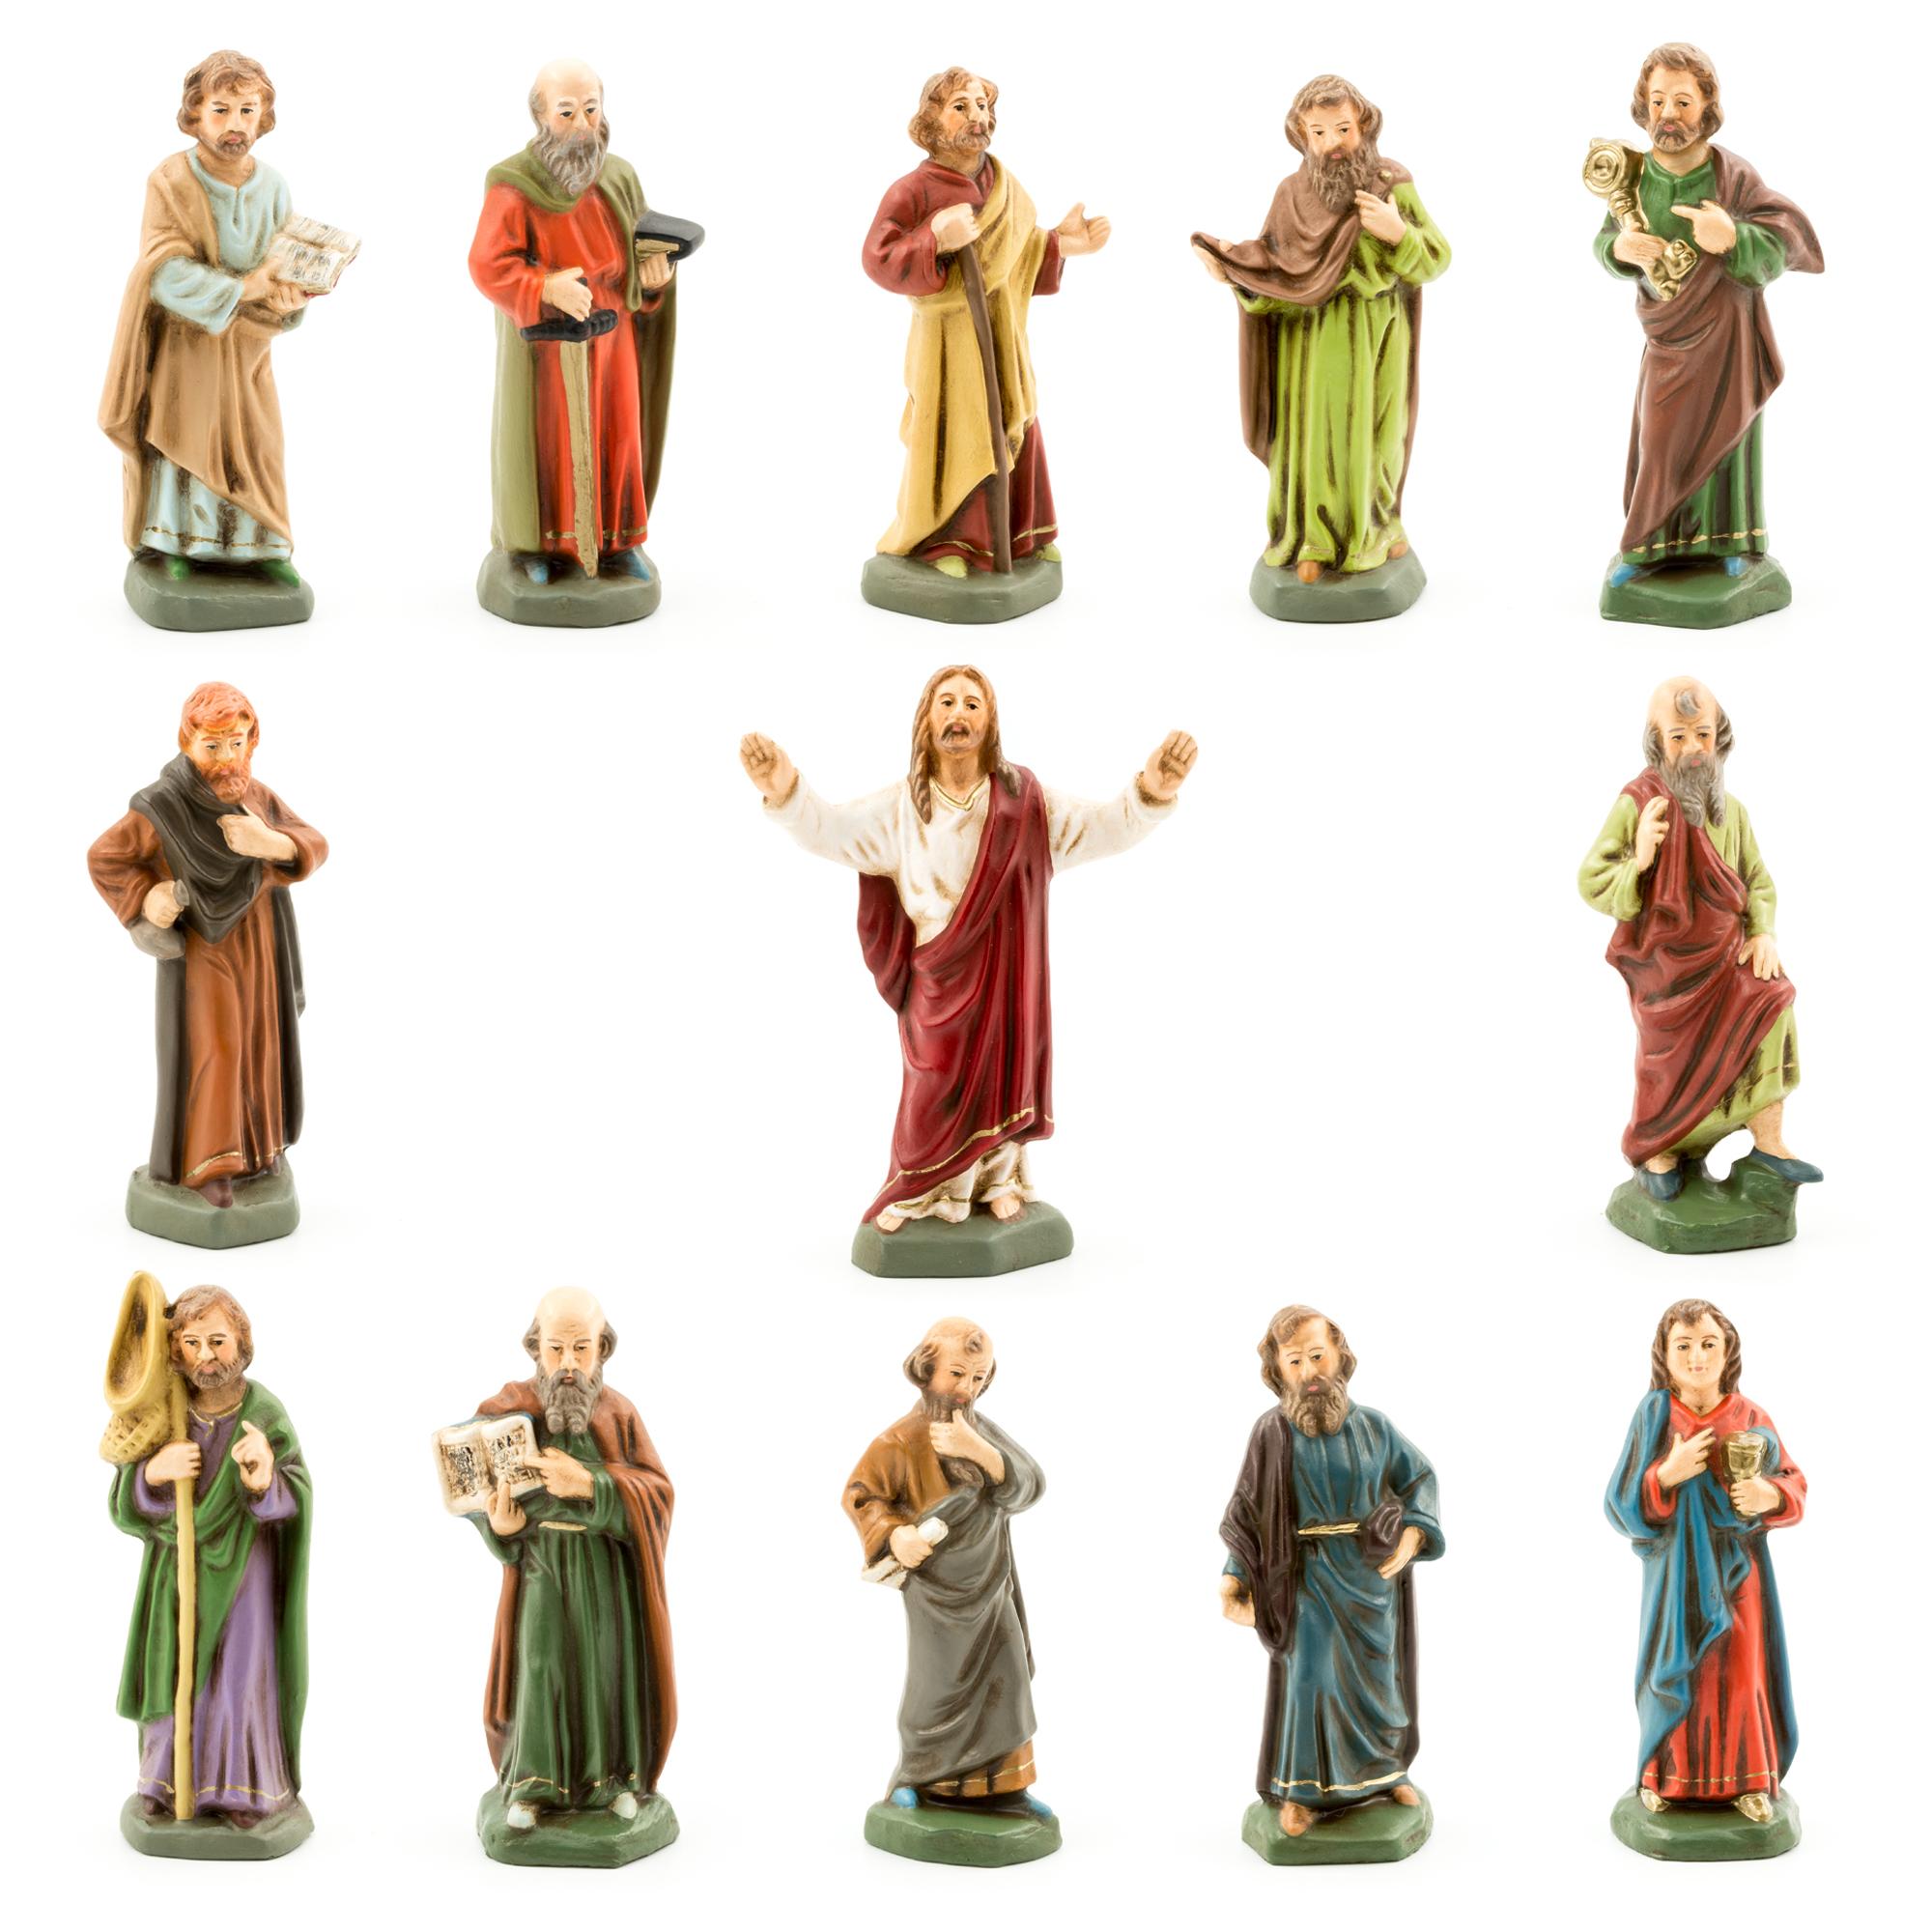 Aus Der Reinerzaustraße Gibt Es Schon Anträge Zur: Jesus Und Seine Jünger In Der 9cm Figurengröße.